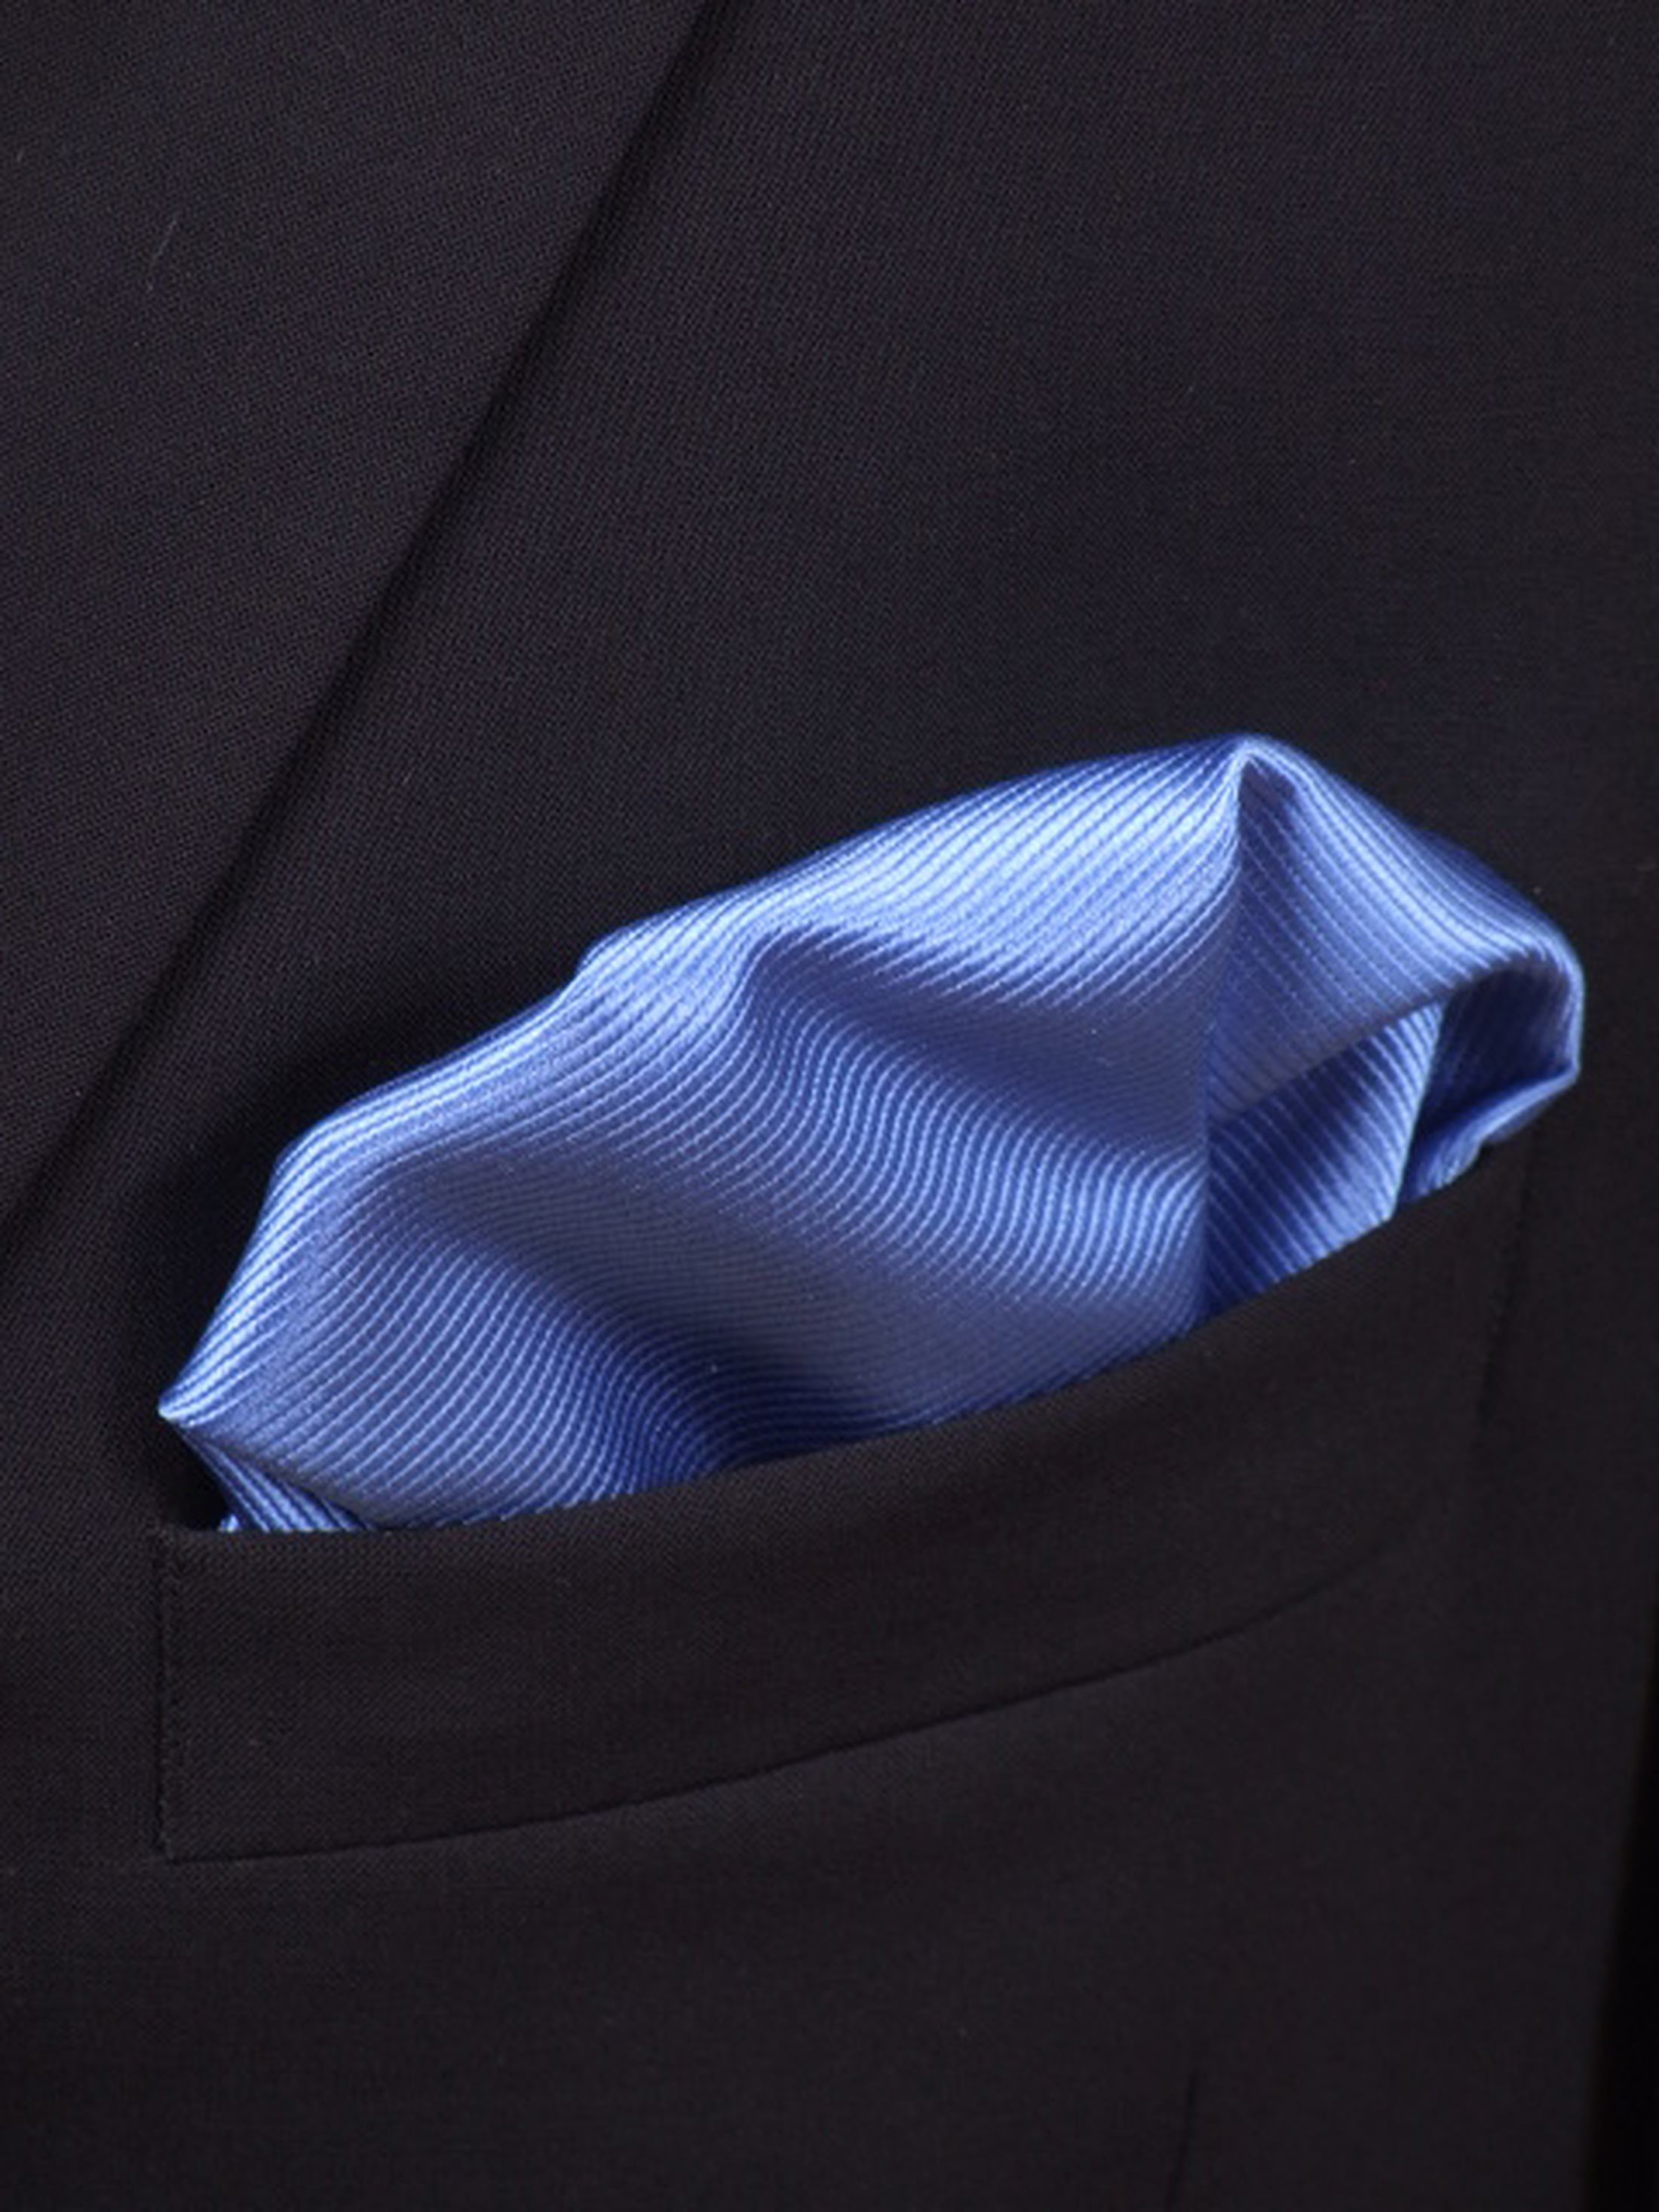 Einstecktuch Seide Königsblau F05 Foto 1